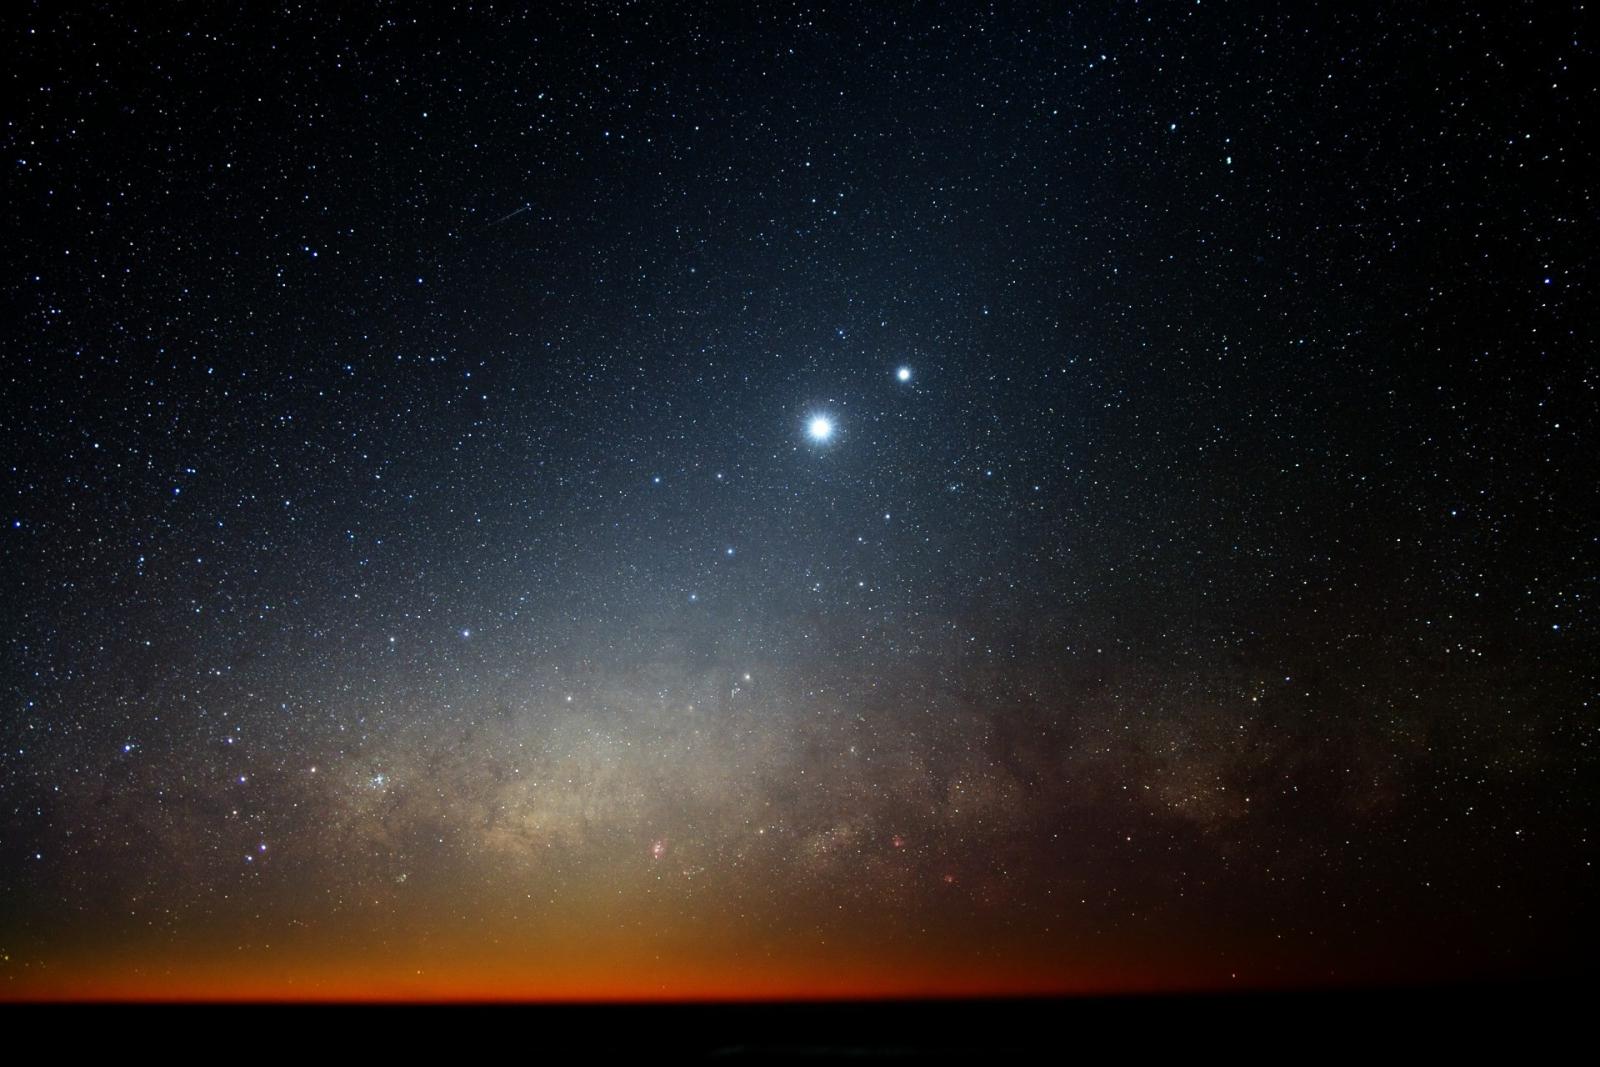 stars 1745054 1920x1280